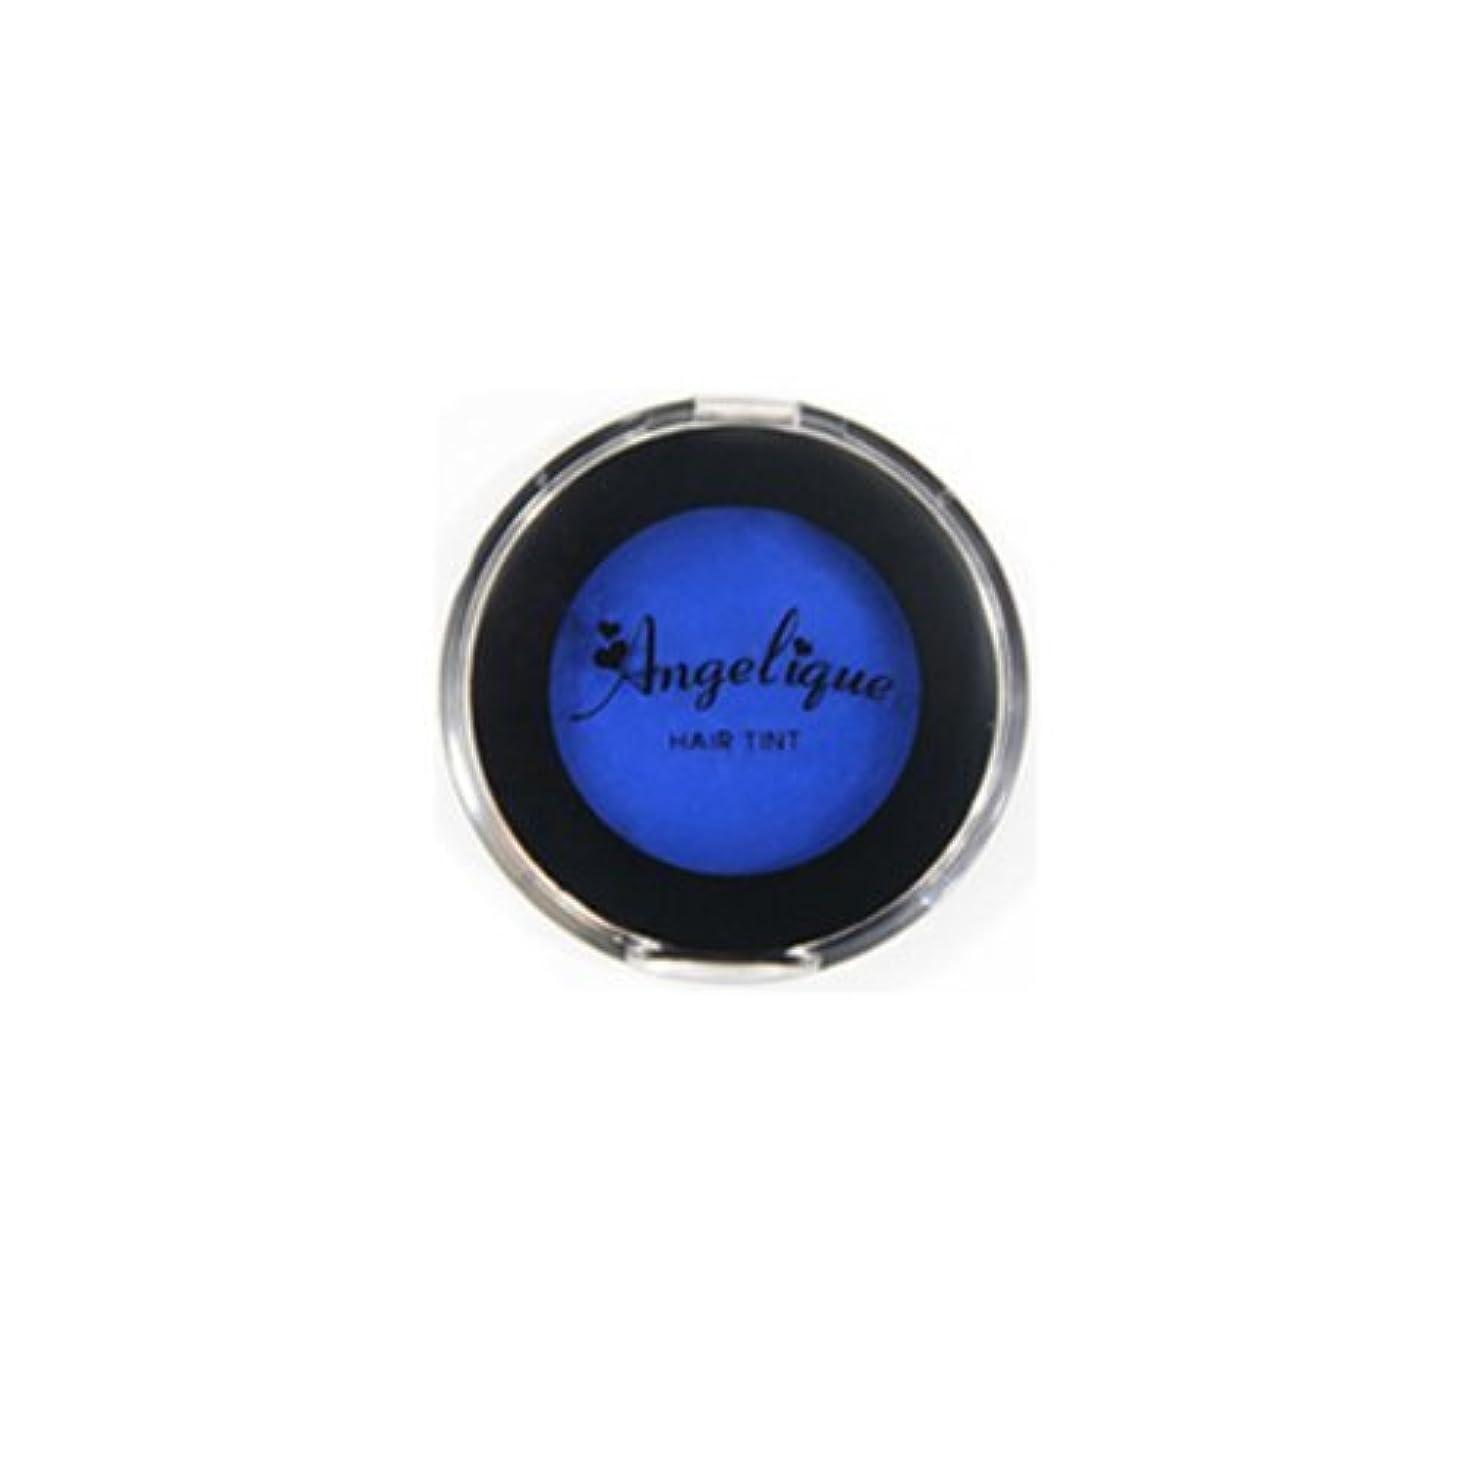 フェデレーションからかうメモAngelique(アンジェリーク) ヘアチョーク ティント TINT ヘアカラーチョーク パウダータイプ ブルー